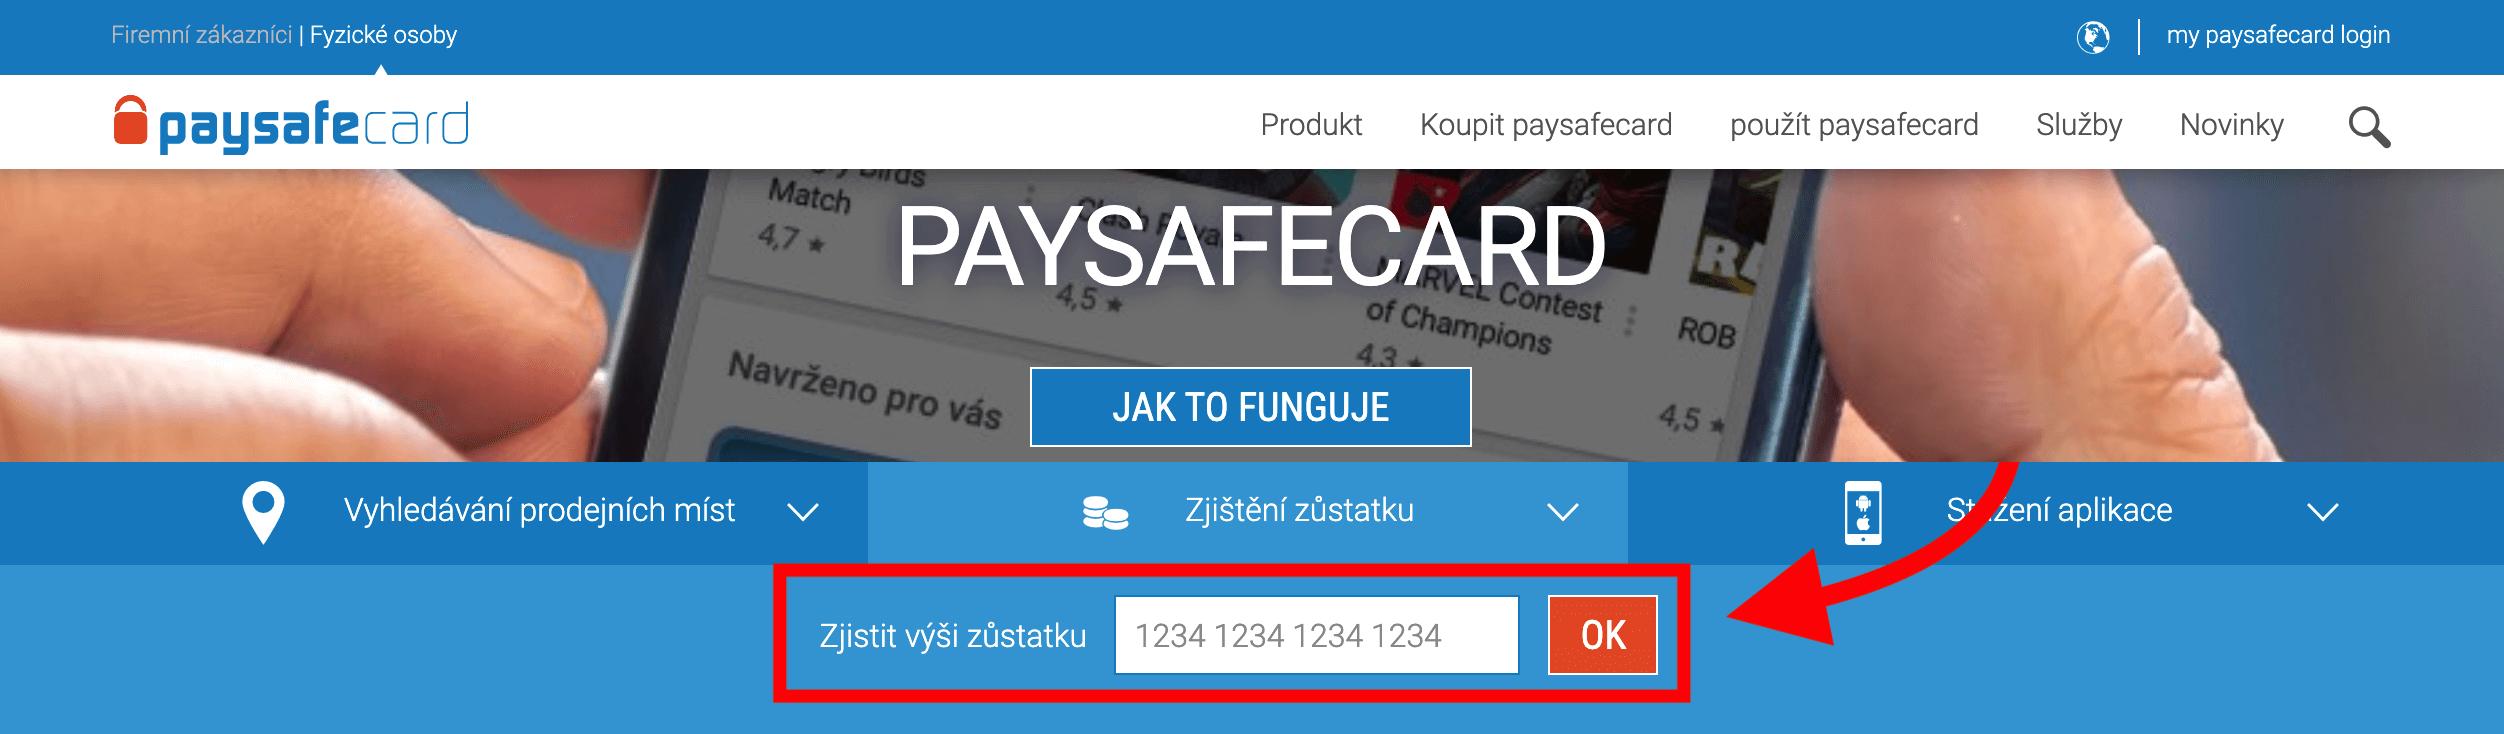 Úvodní stránka pro přihlášení do účtu my paysafecard